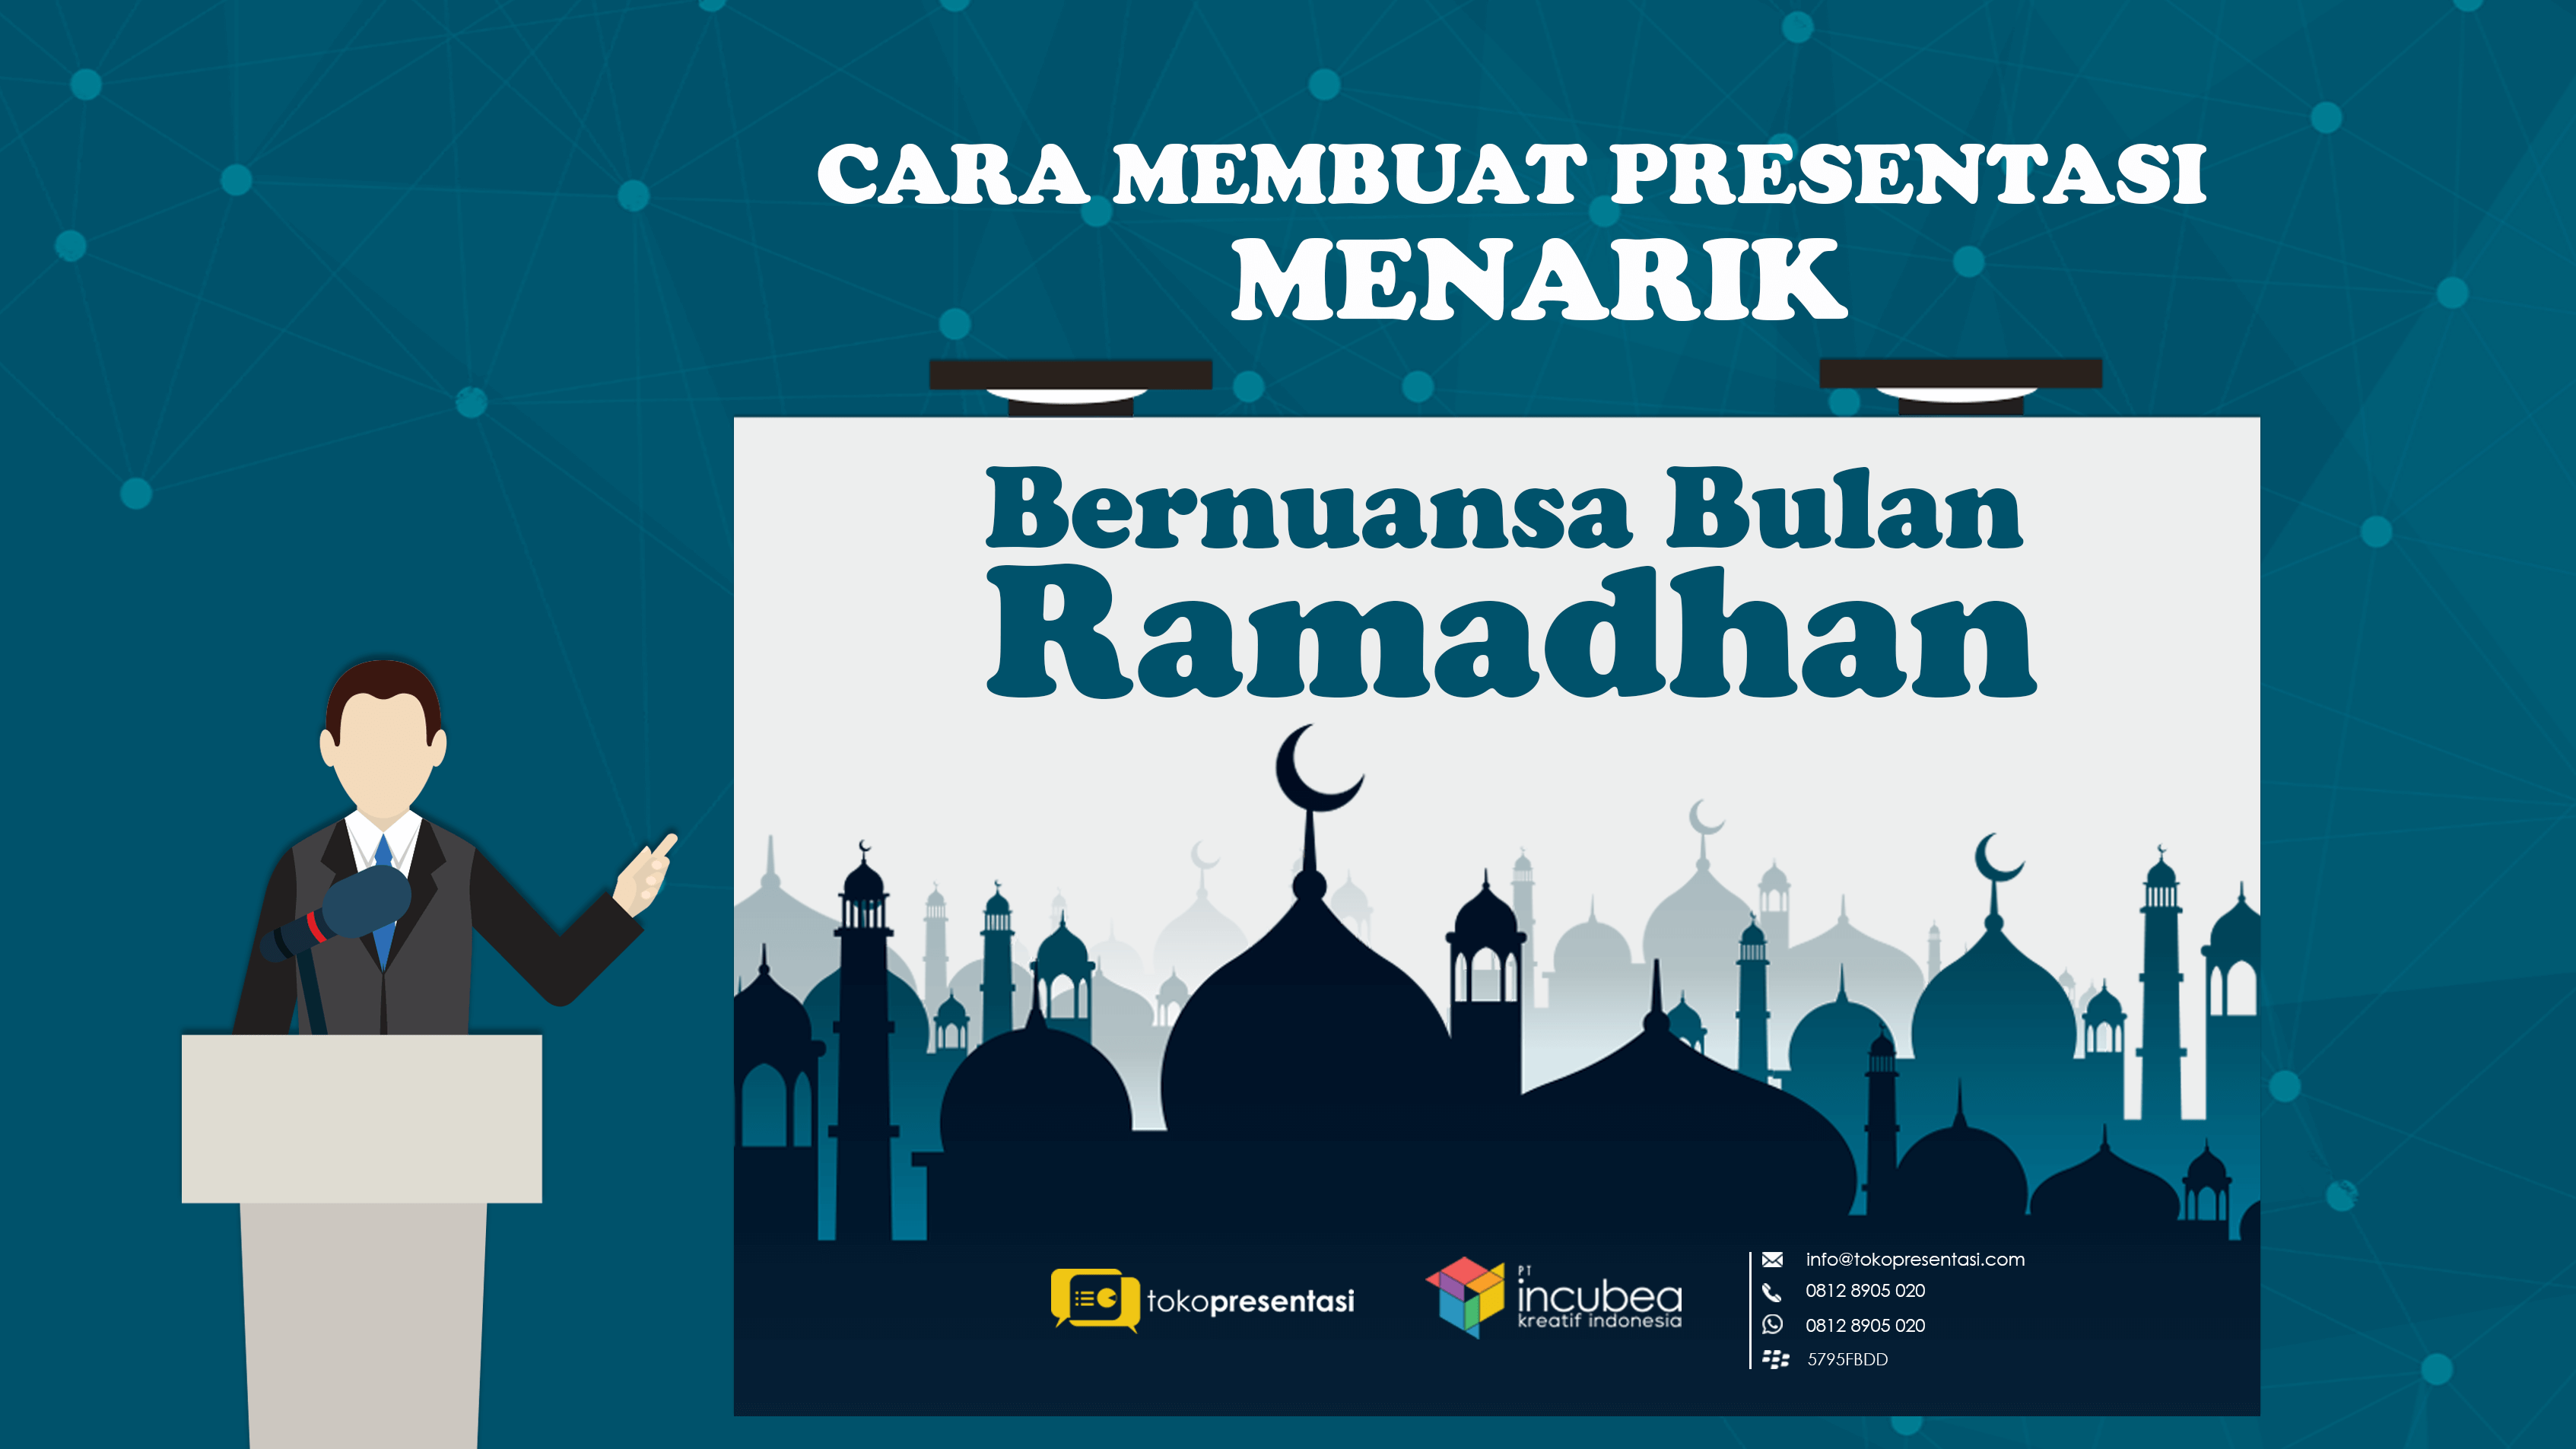 tips membuat presentasi menarik bernuansa bulan ramadhan - tokopresentasi